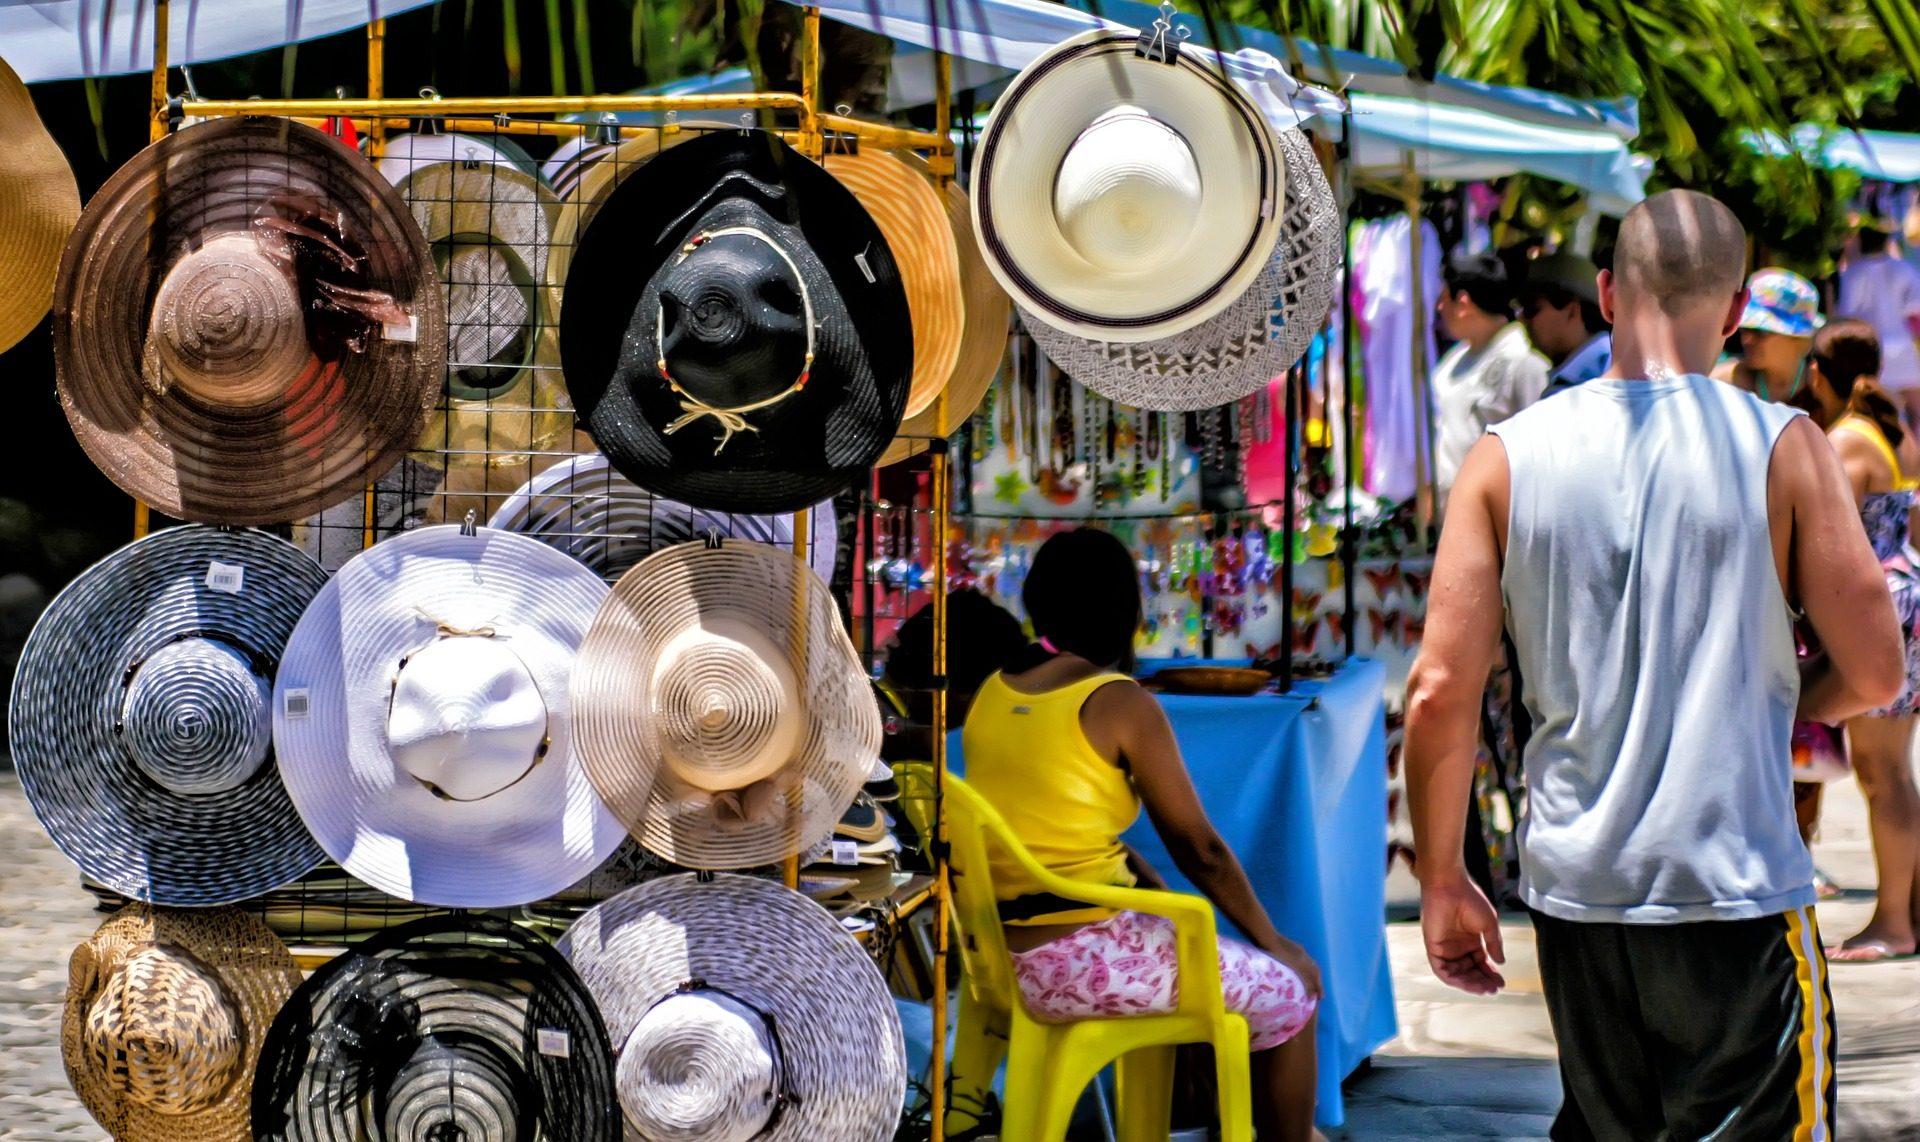 sombrero, Boutique, Depuis, marché, Rue, gens - Fonds d'écran HD - Professor-falken.com